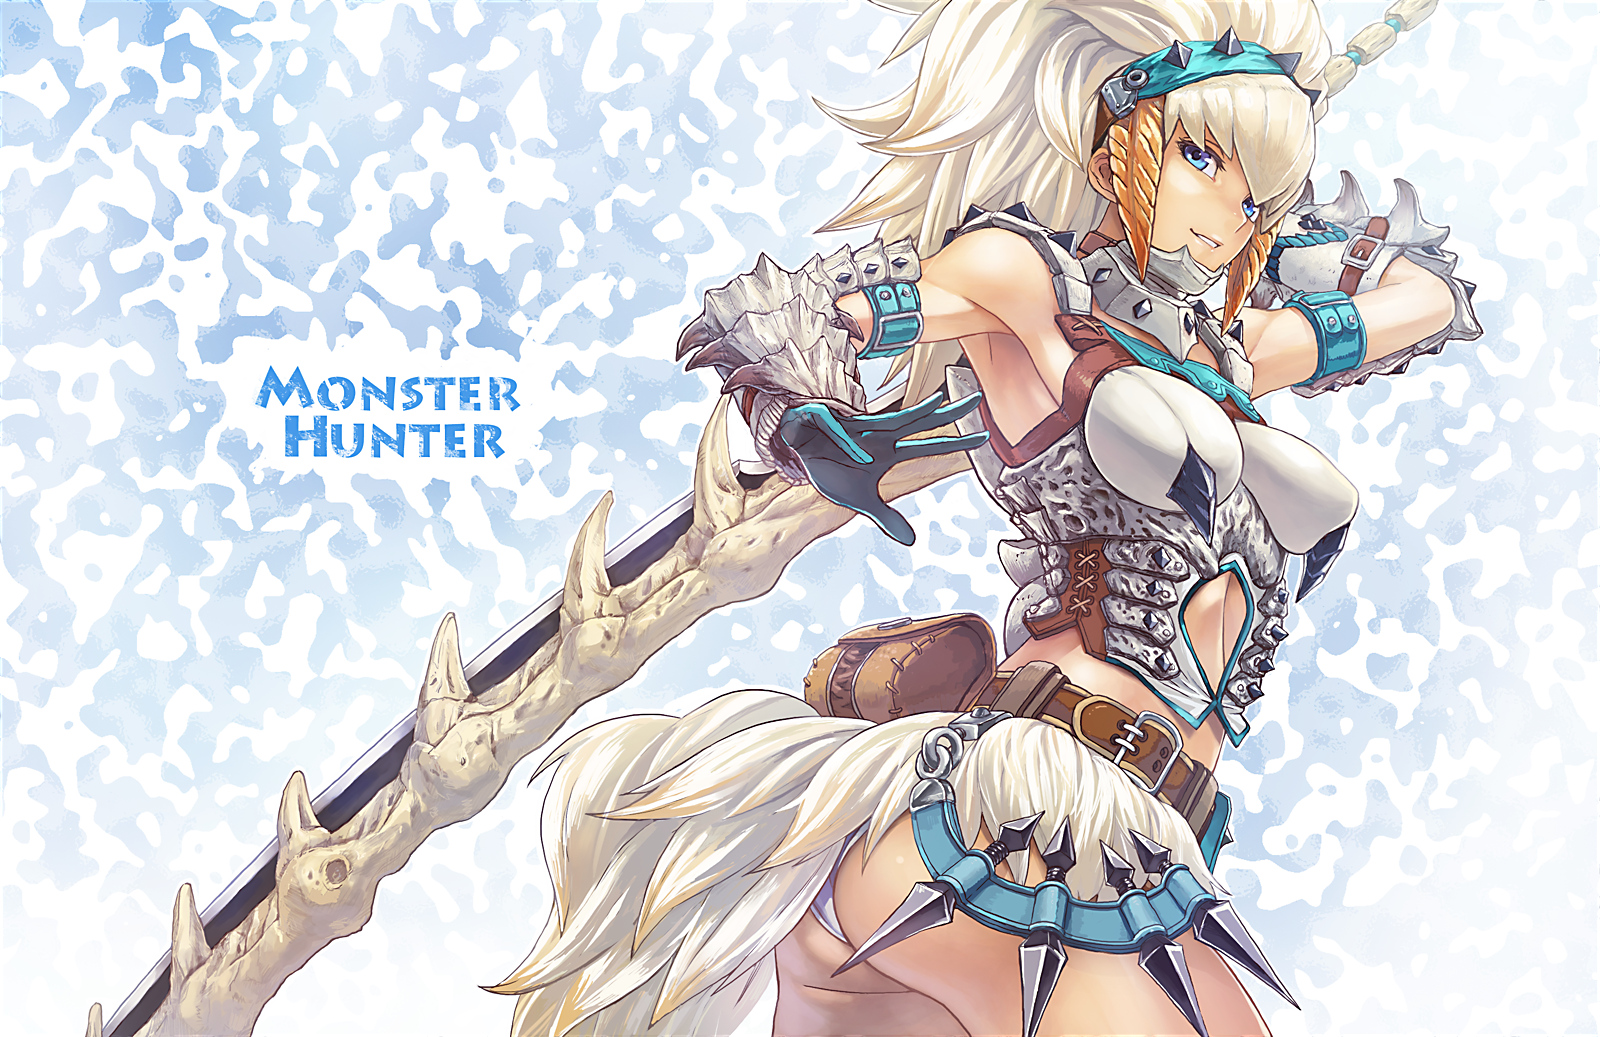 Images of anime girls from monster hunter  naked scene